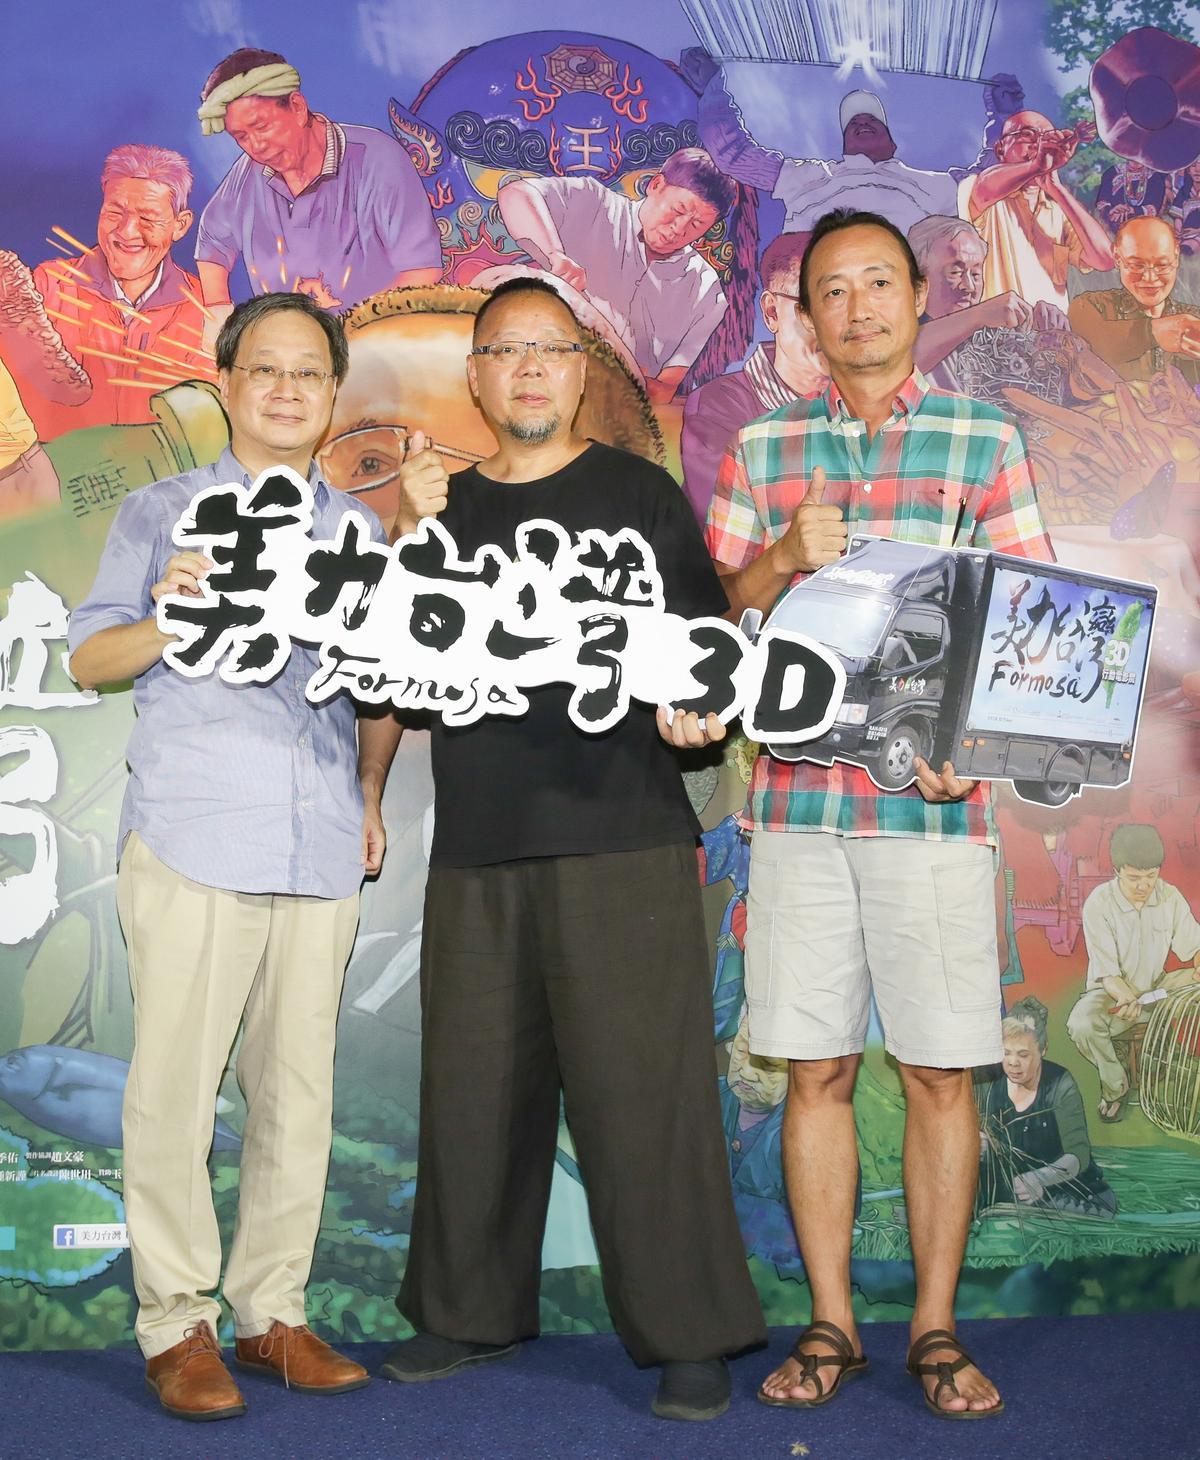 《美力台灣3D》舉行媒體試片,片中擔任旁白的小野(左)及配樂大師鍾興民(右)均到場力挺導演曲全立。